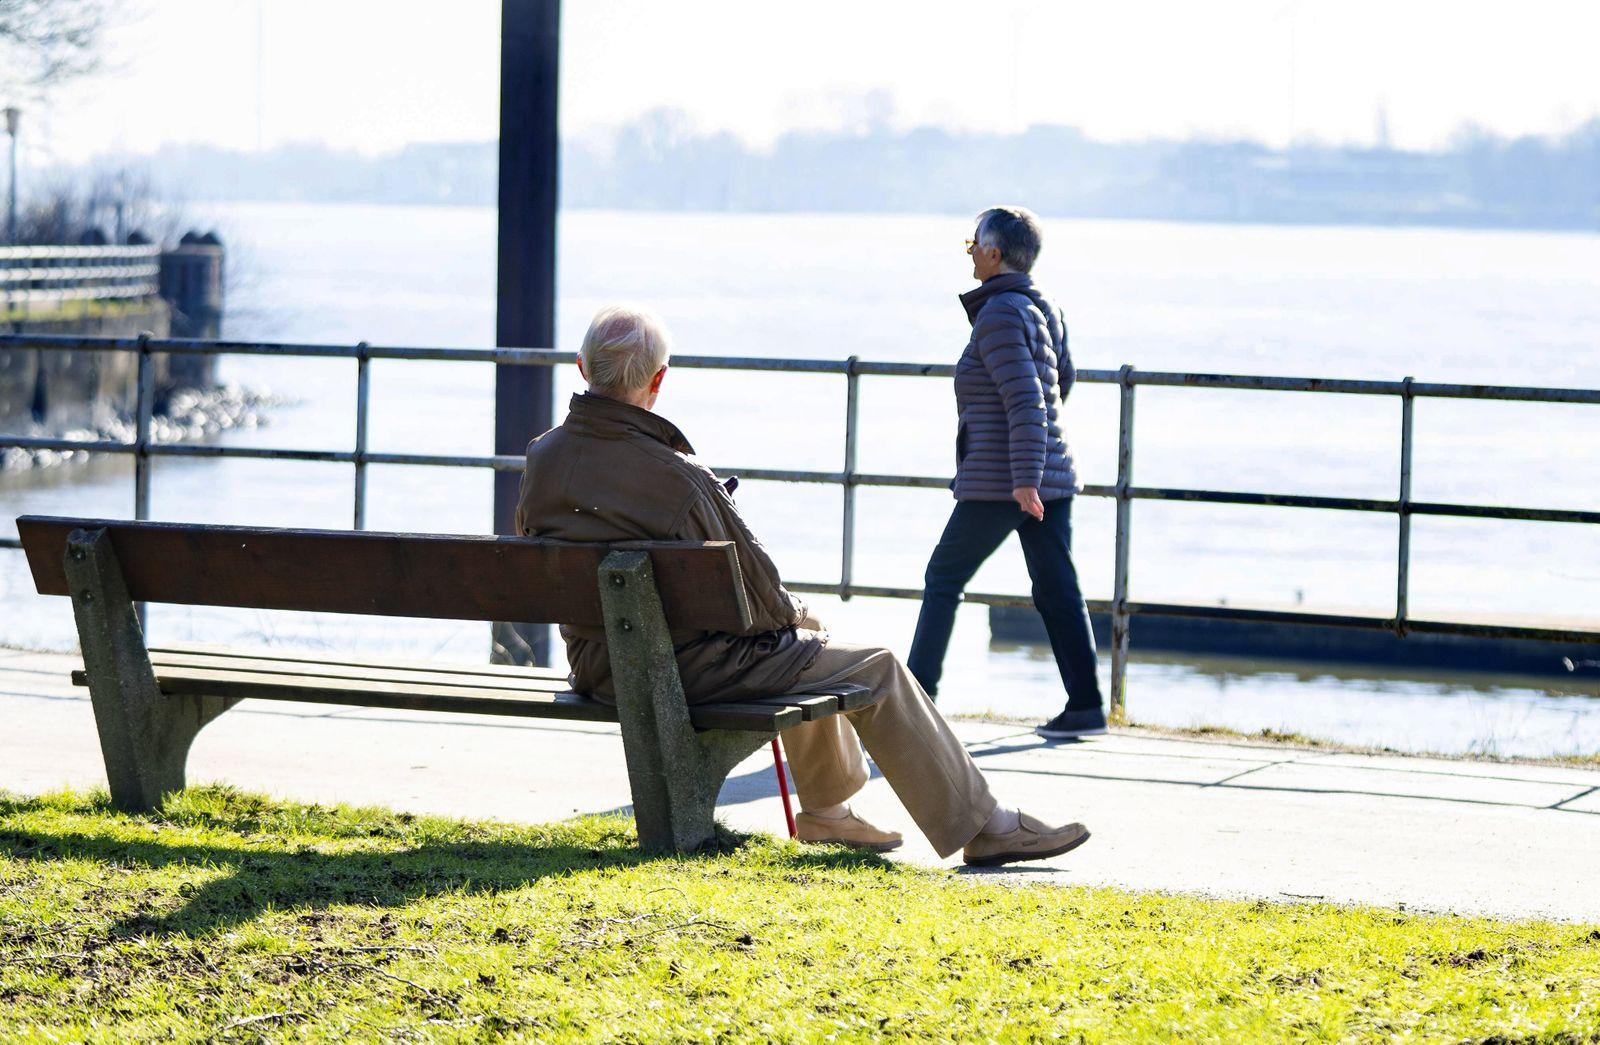 ƒltere Frau Spazierg‰ngerin Spazieren Spaziergehen Rentnerin Rentner alleine einsam Mann auf Par